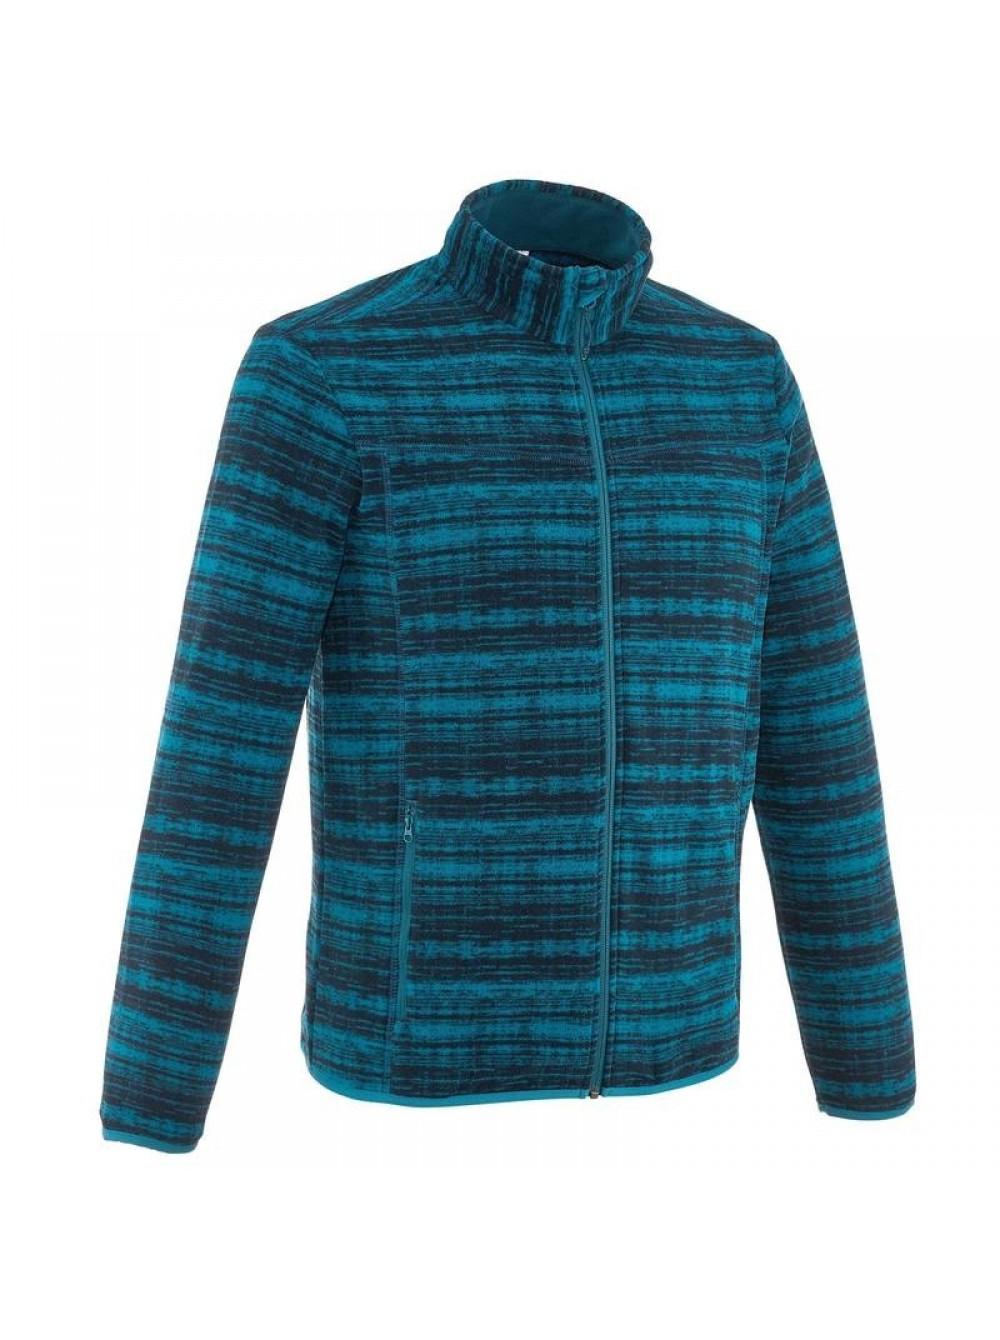 35c78d8b335f3 Quechua Forclaz 200 - Флисовая куртка купить Киев - Флисовая кофта ...